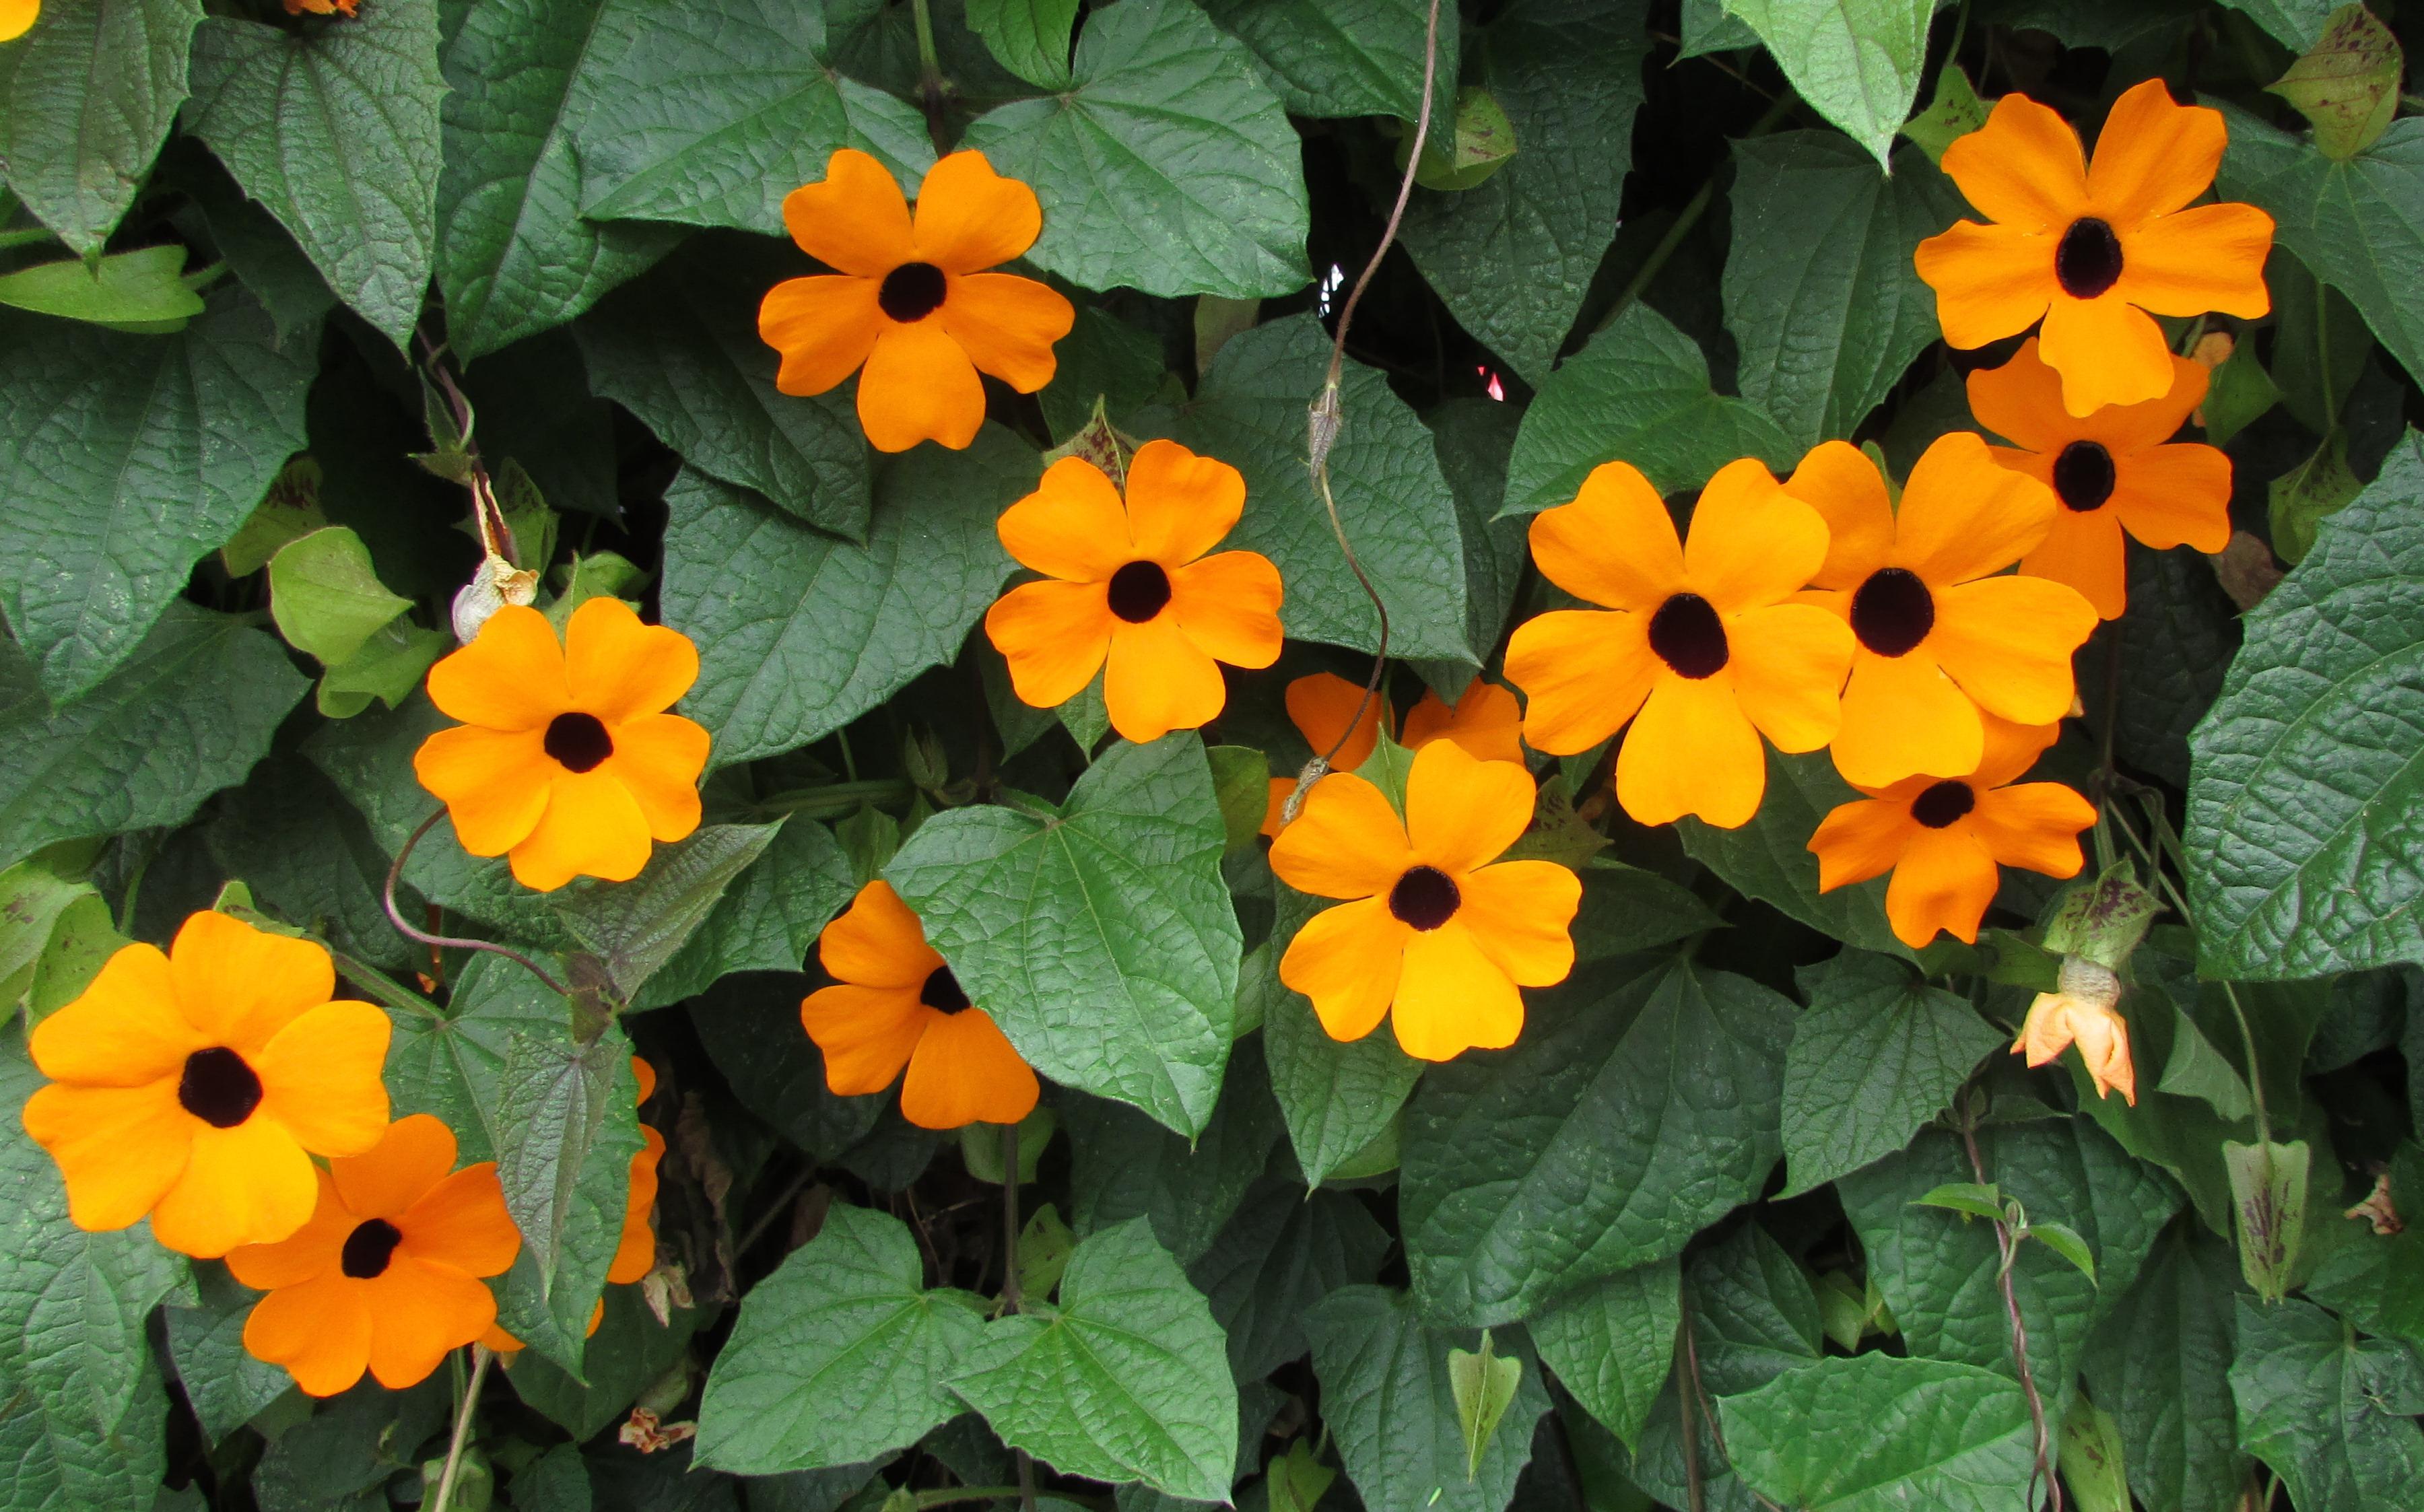 Gėlės nuotrauka. (Pavadinimas: Tunbergija)